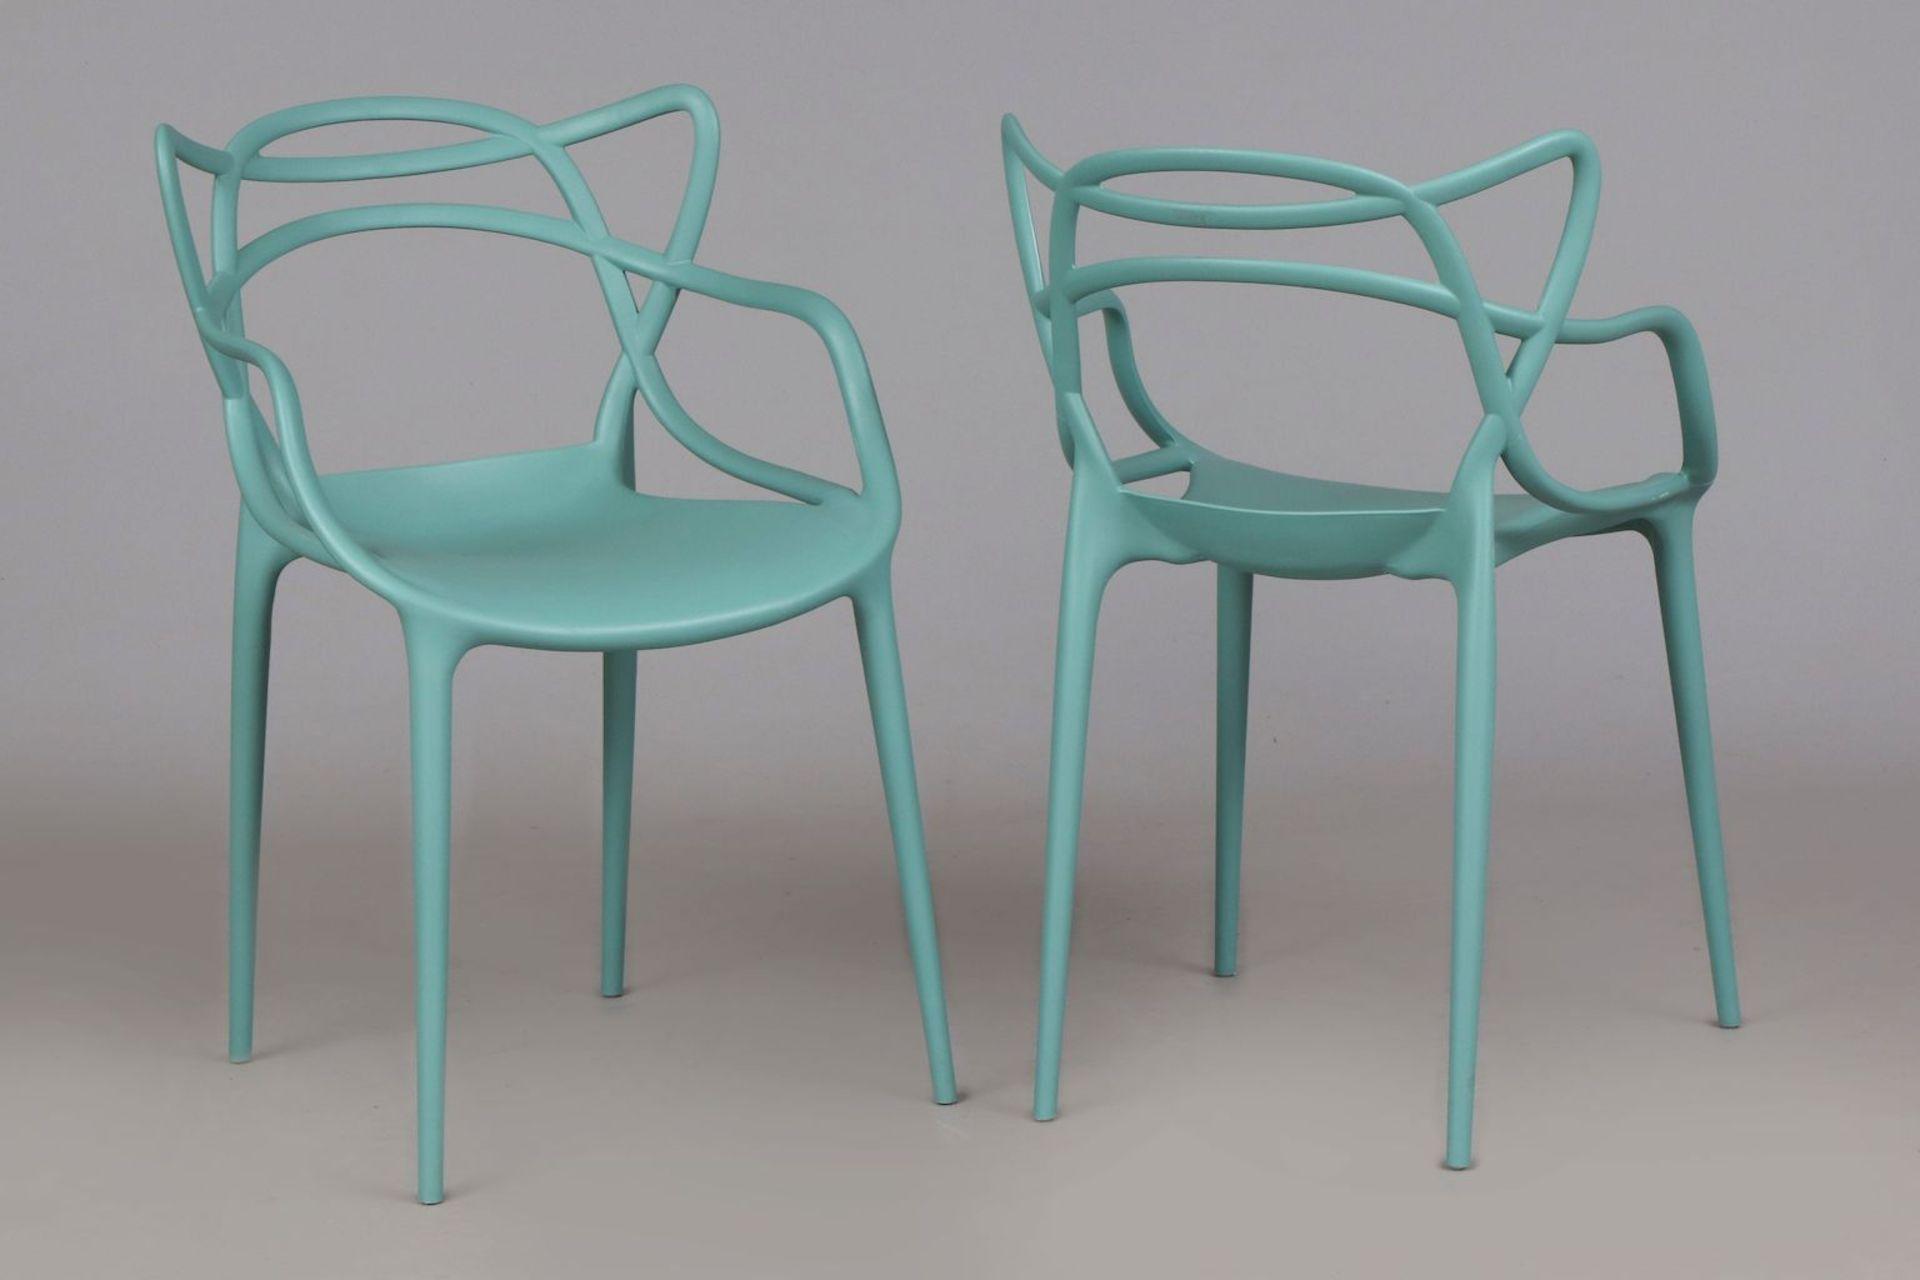 Paar Kunststoff Stühle nach einem Entwurf von Philippe Starck - Image 2 of 4